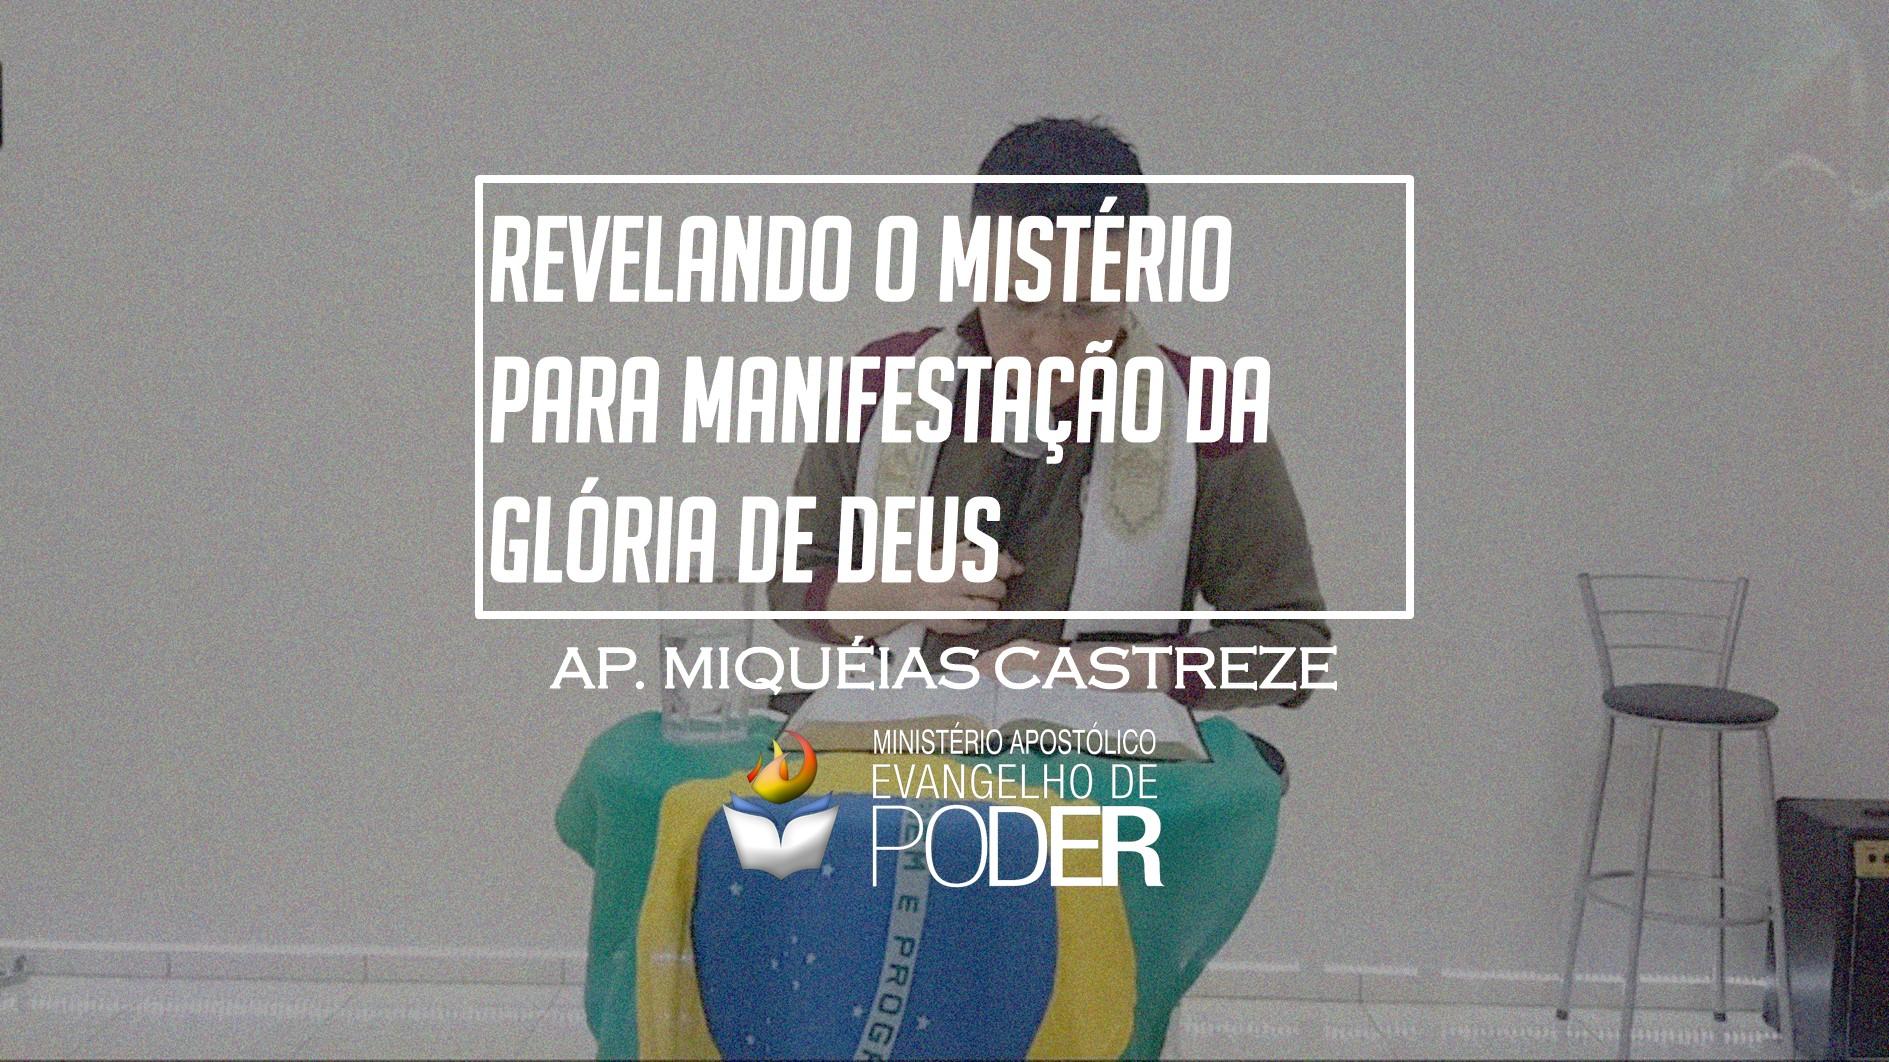 REVELANDO O MISTÉRIO PARA MANIFESTAÇÃO DA GLÓRIA DE DEUS